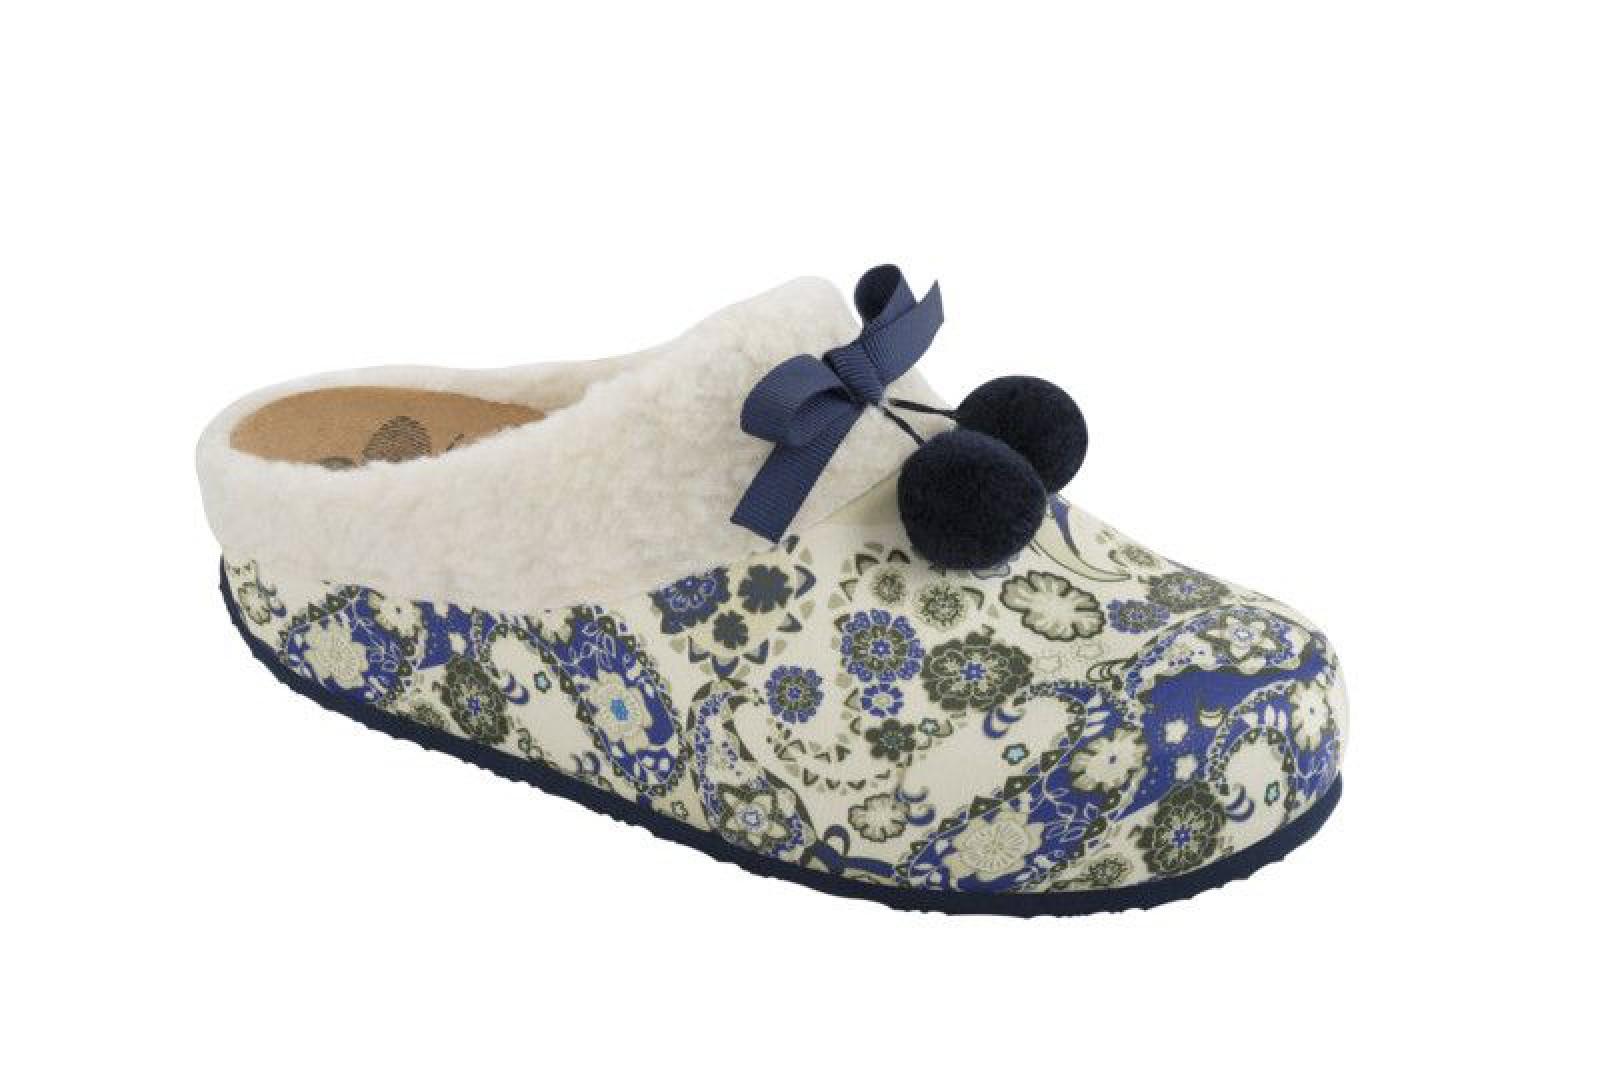 a979571cdaf5 Scholl Esme női papucs Gyógyászati termékek Webáruháza